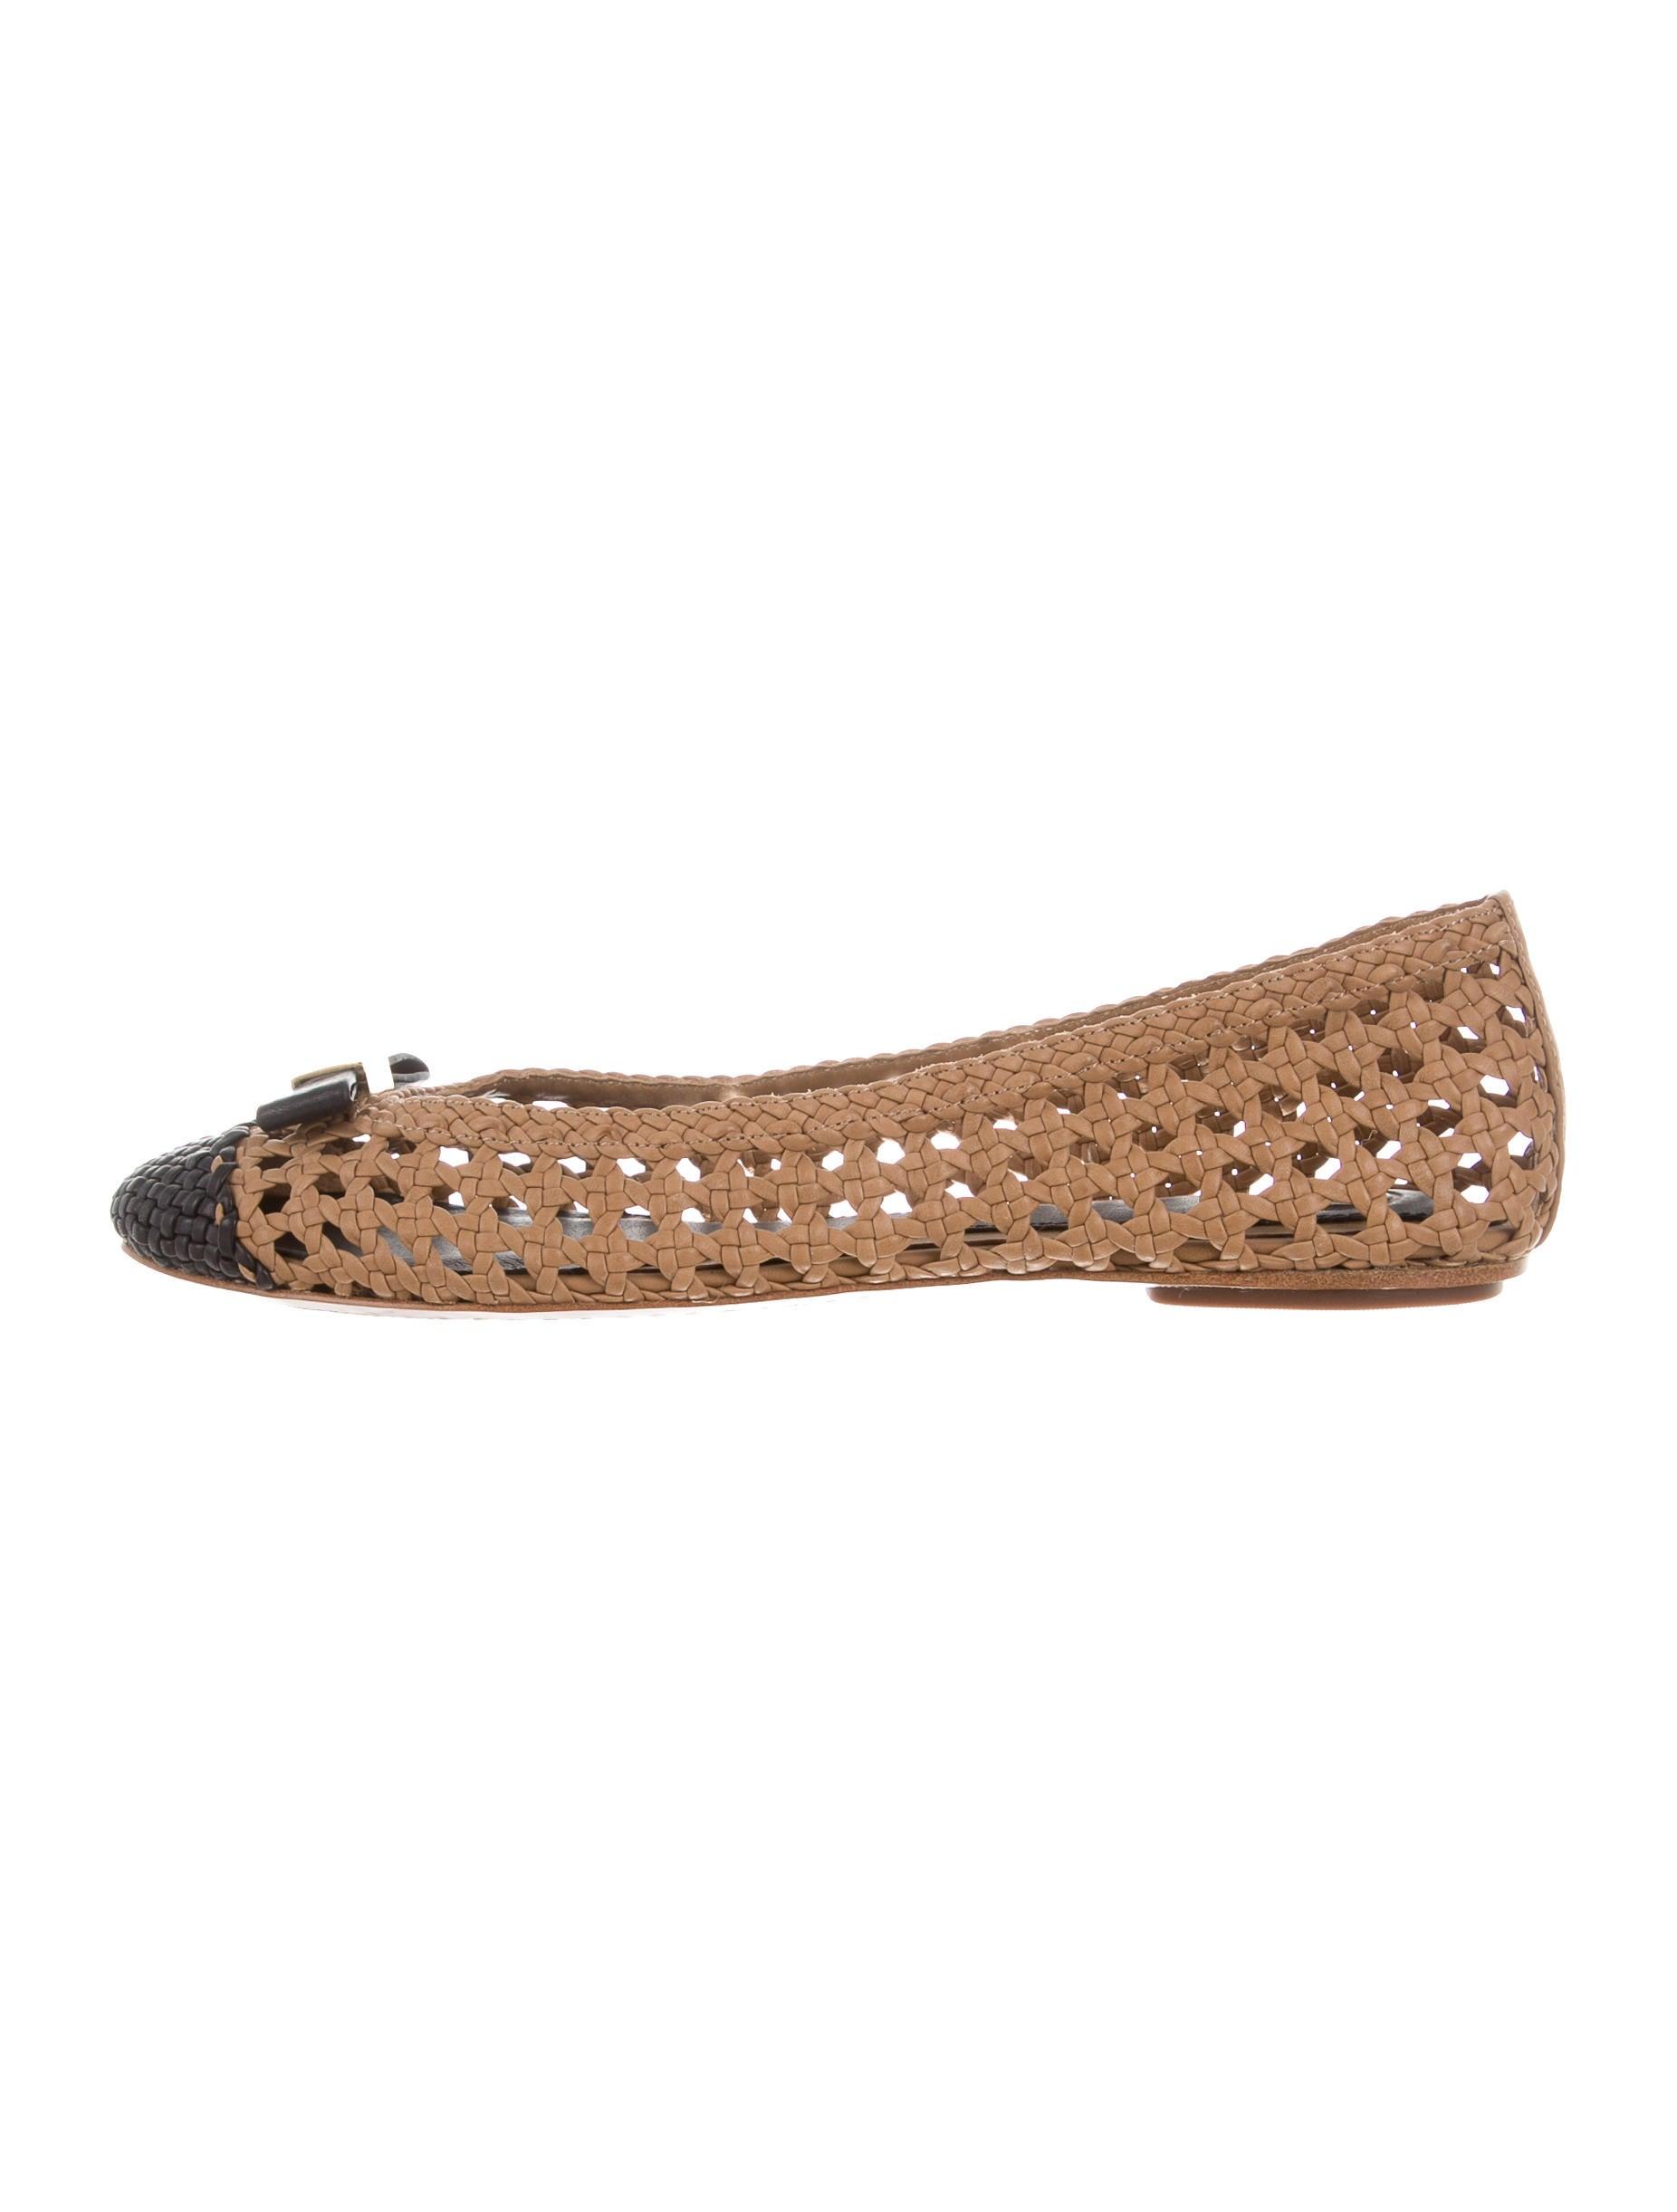 b6d2b80b8 Tory Burch Carlyle Logo Flats - Shoes - WTO92239